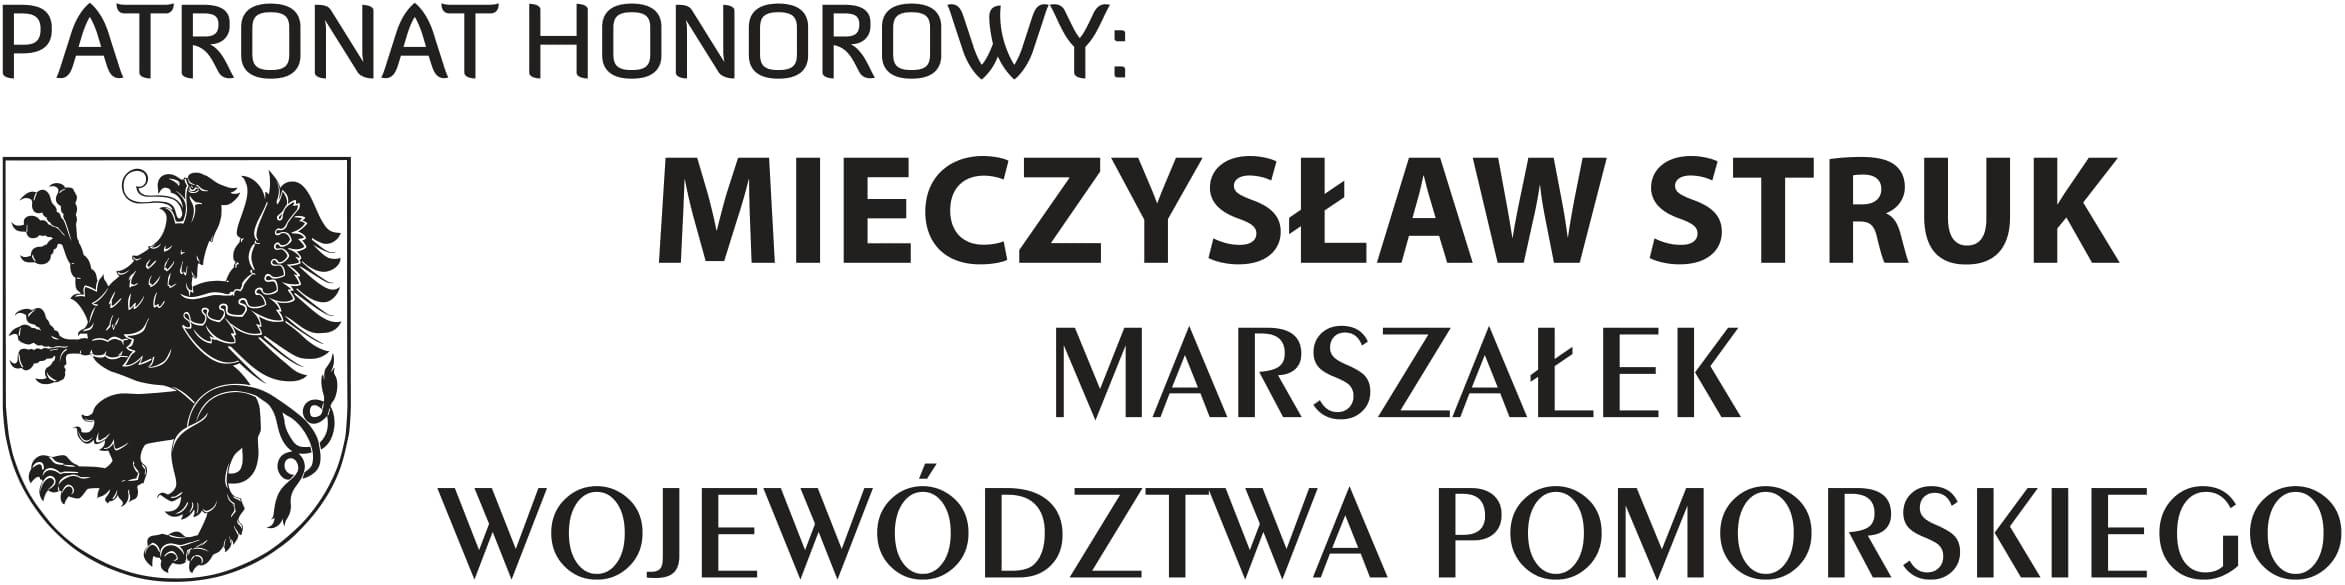 Marszałka Województwa Pomorskiego p. Mieczysława Struka